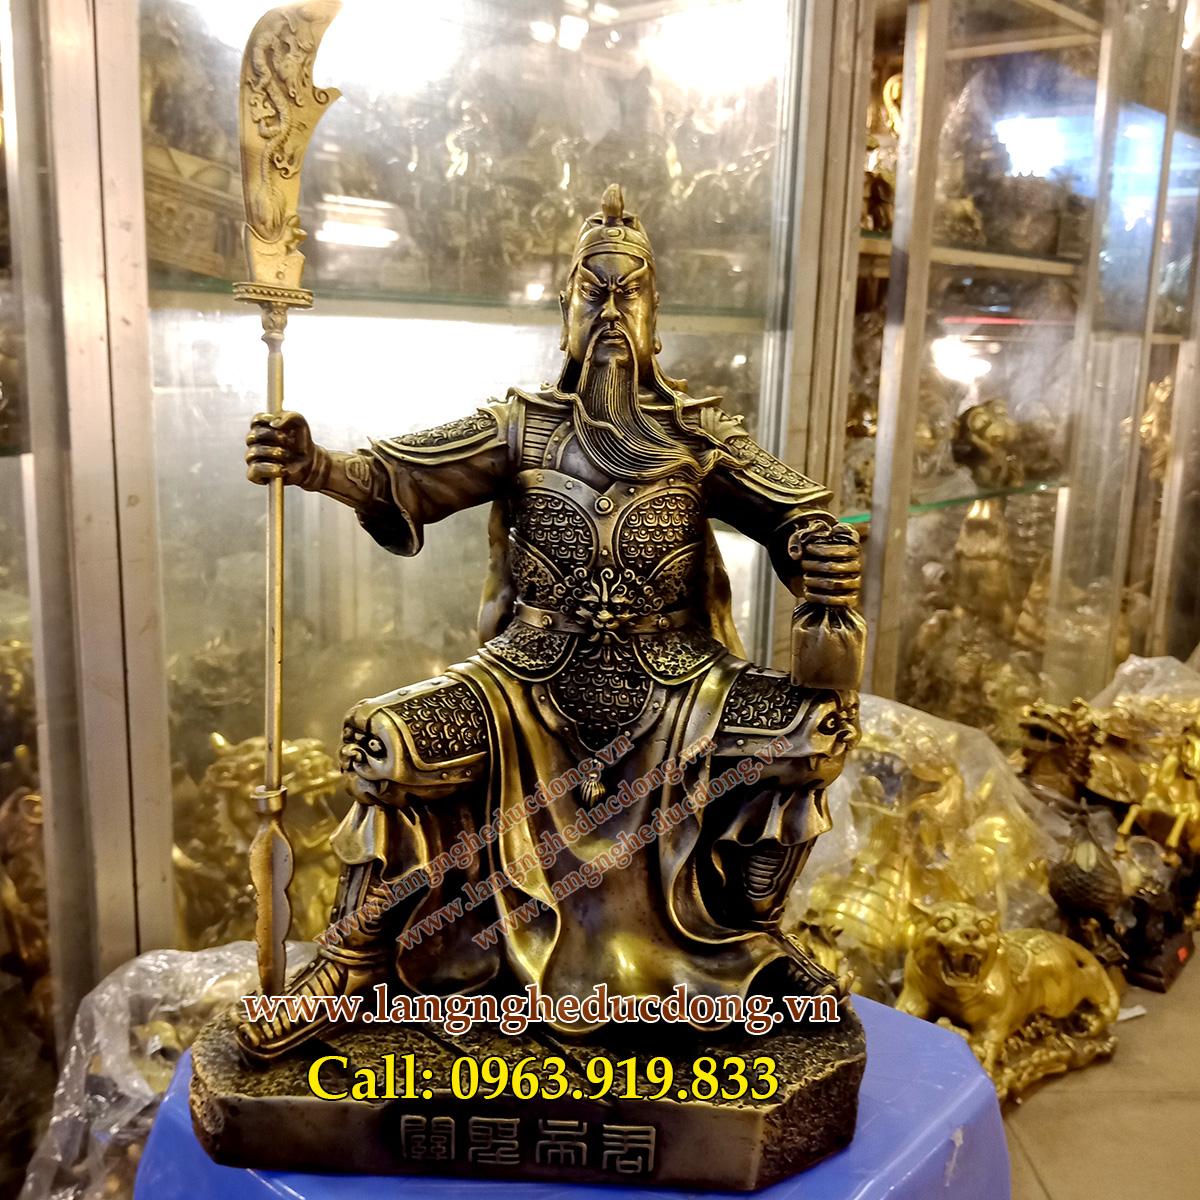 langngheducdong.vn - tượng đồng, tượng phong thủy, tượng quan công